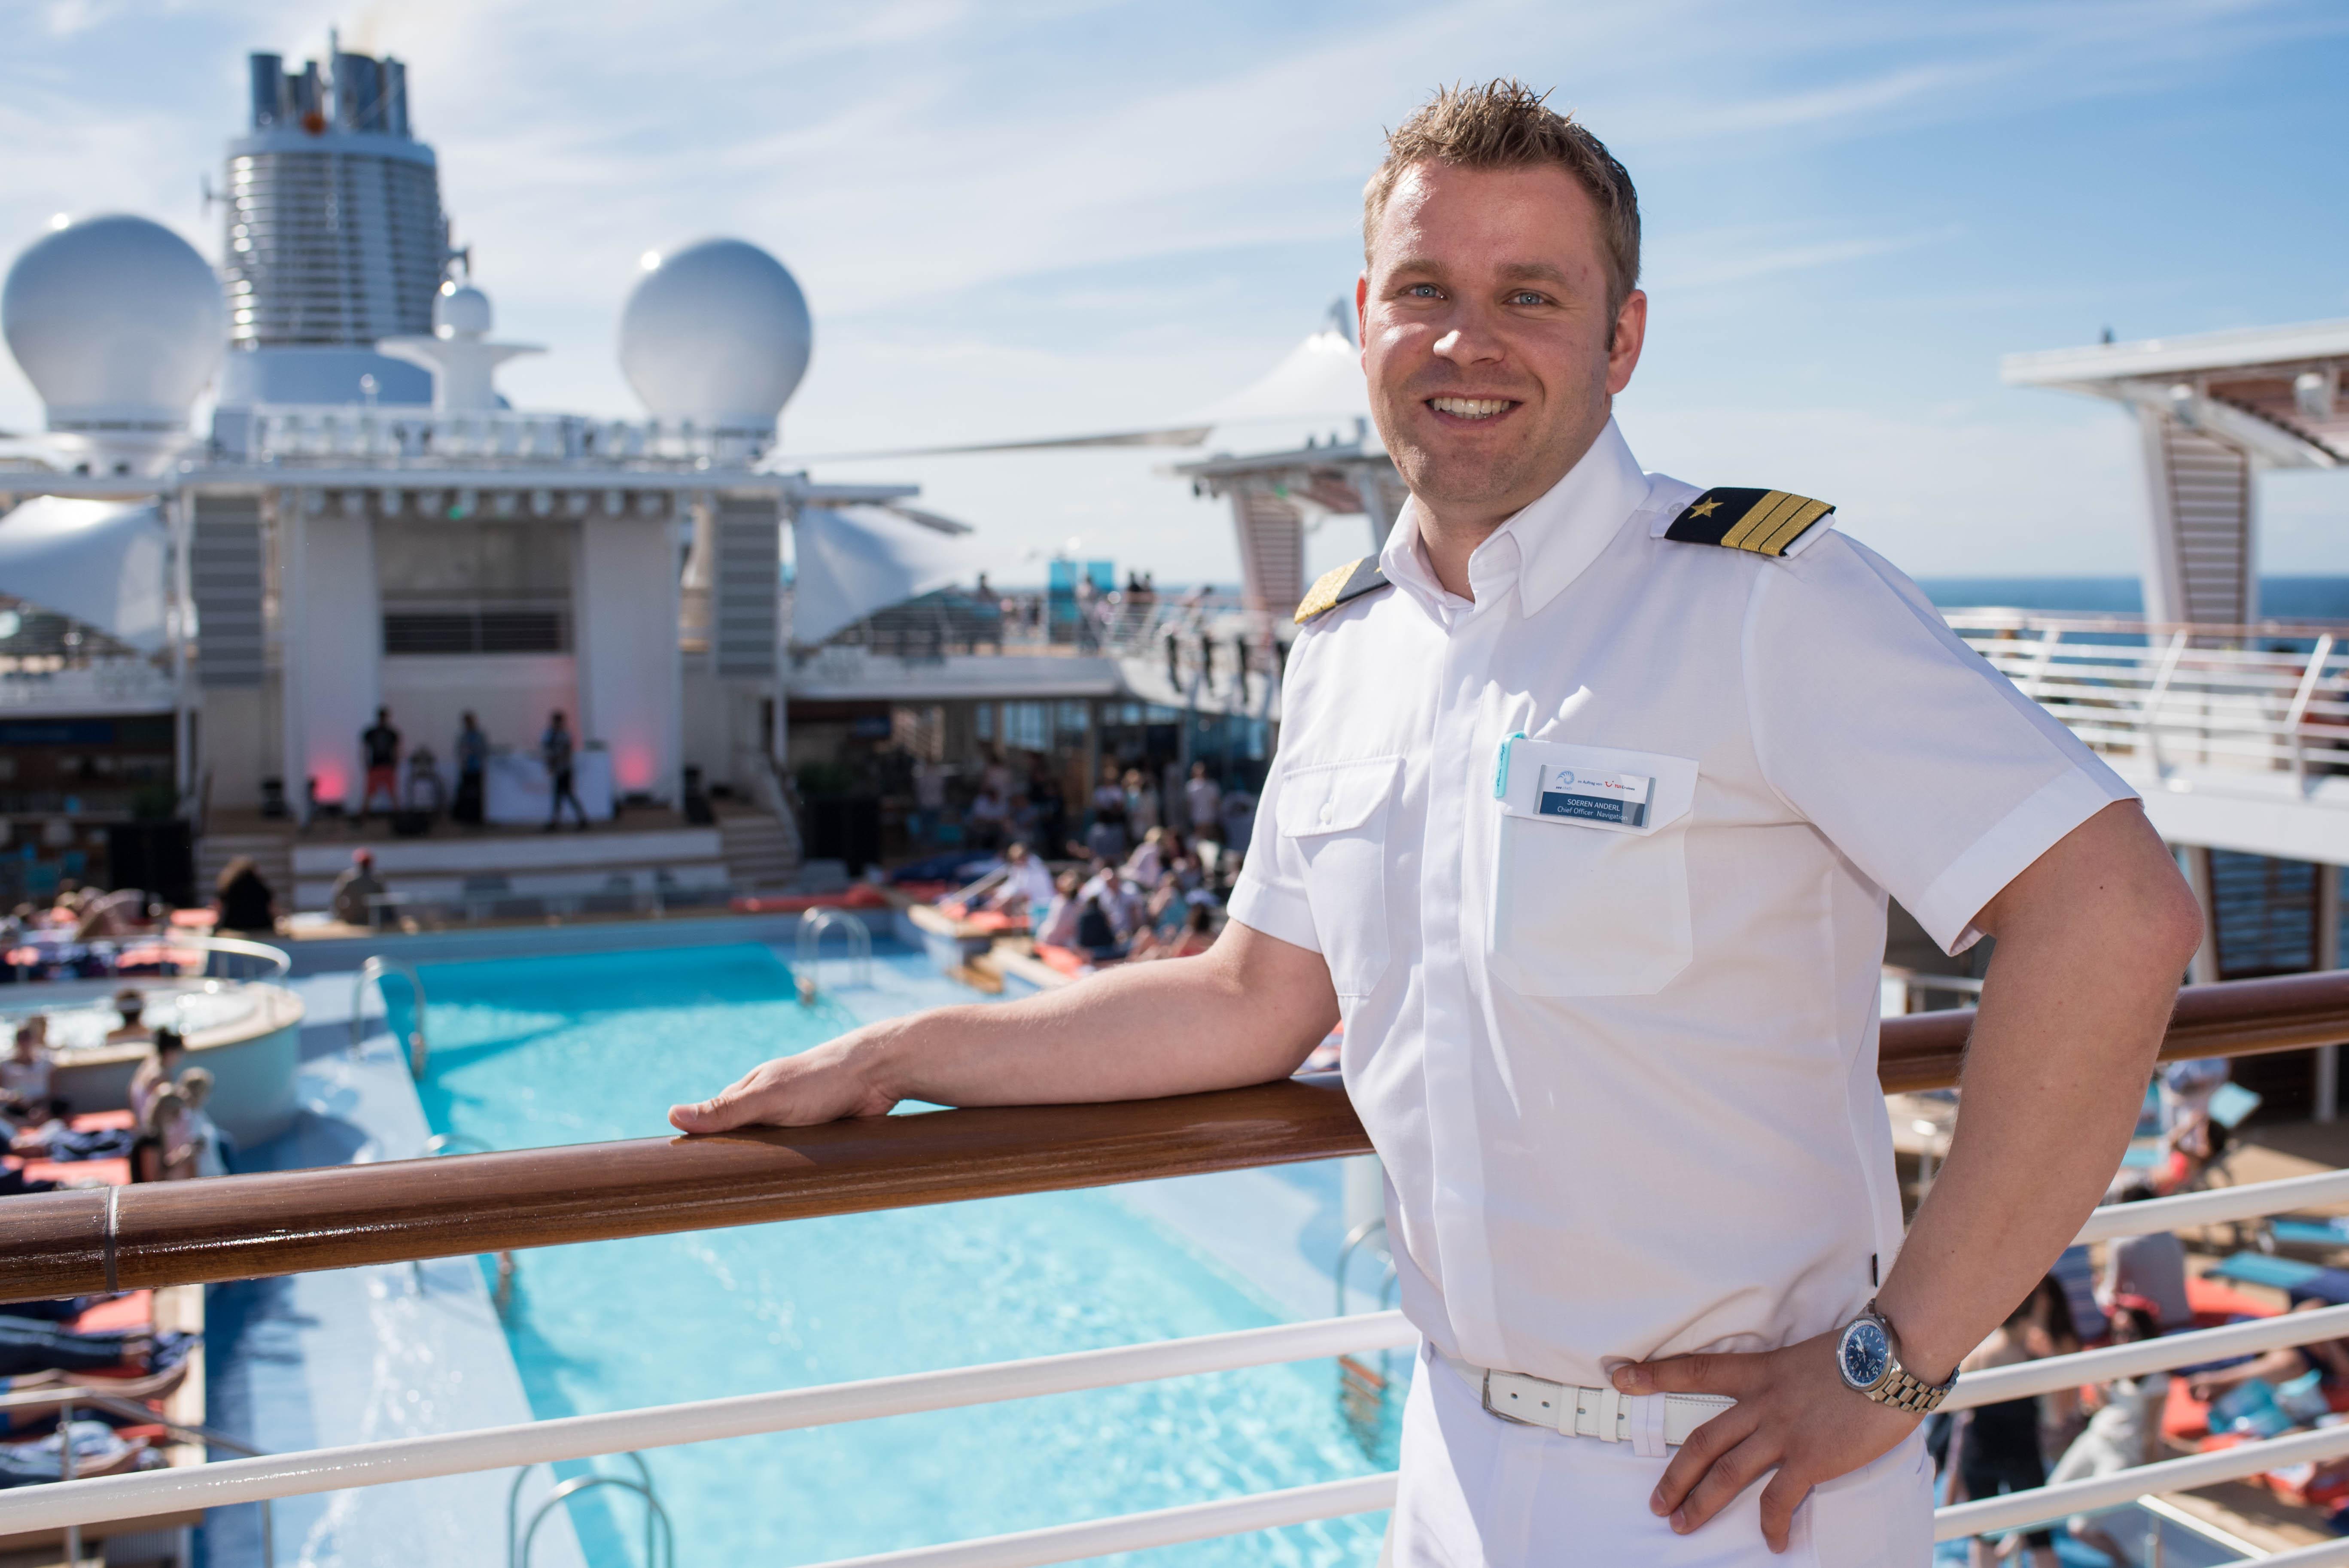 Mein Schiff Chief Navigation Officer Sören Anderl